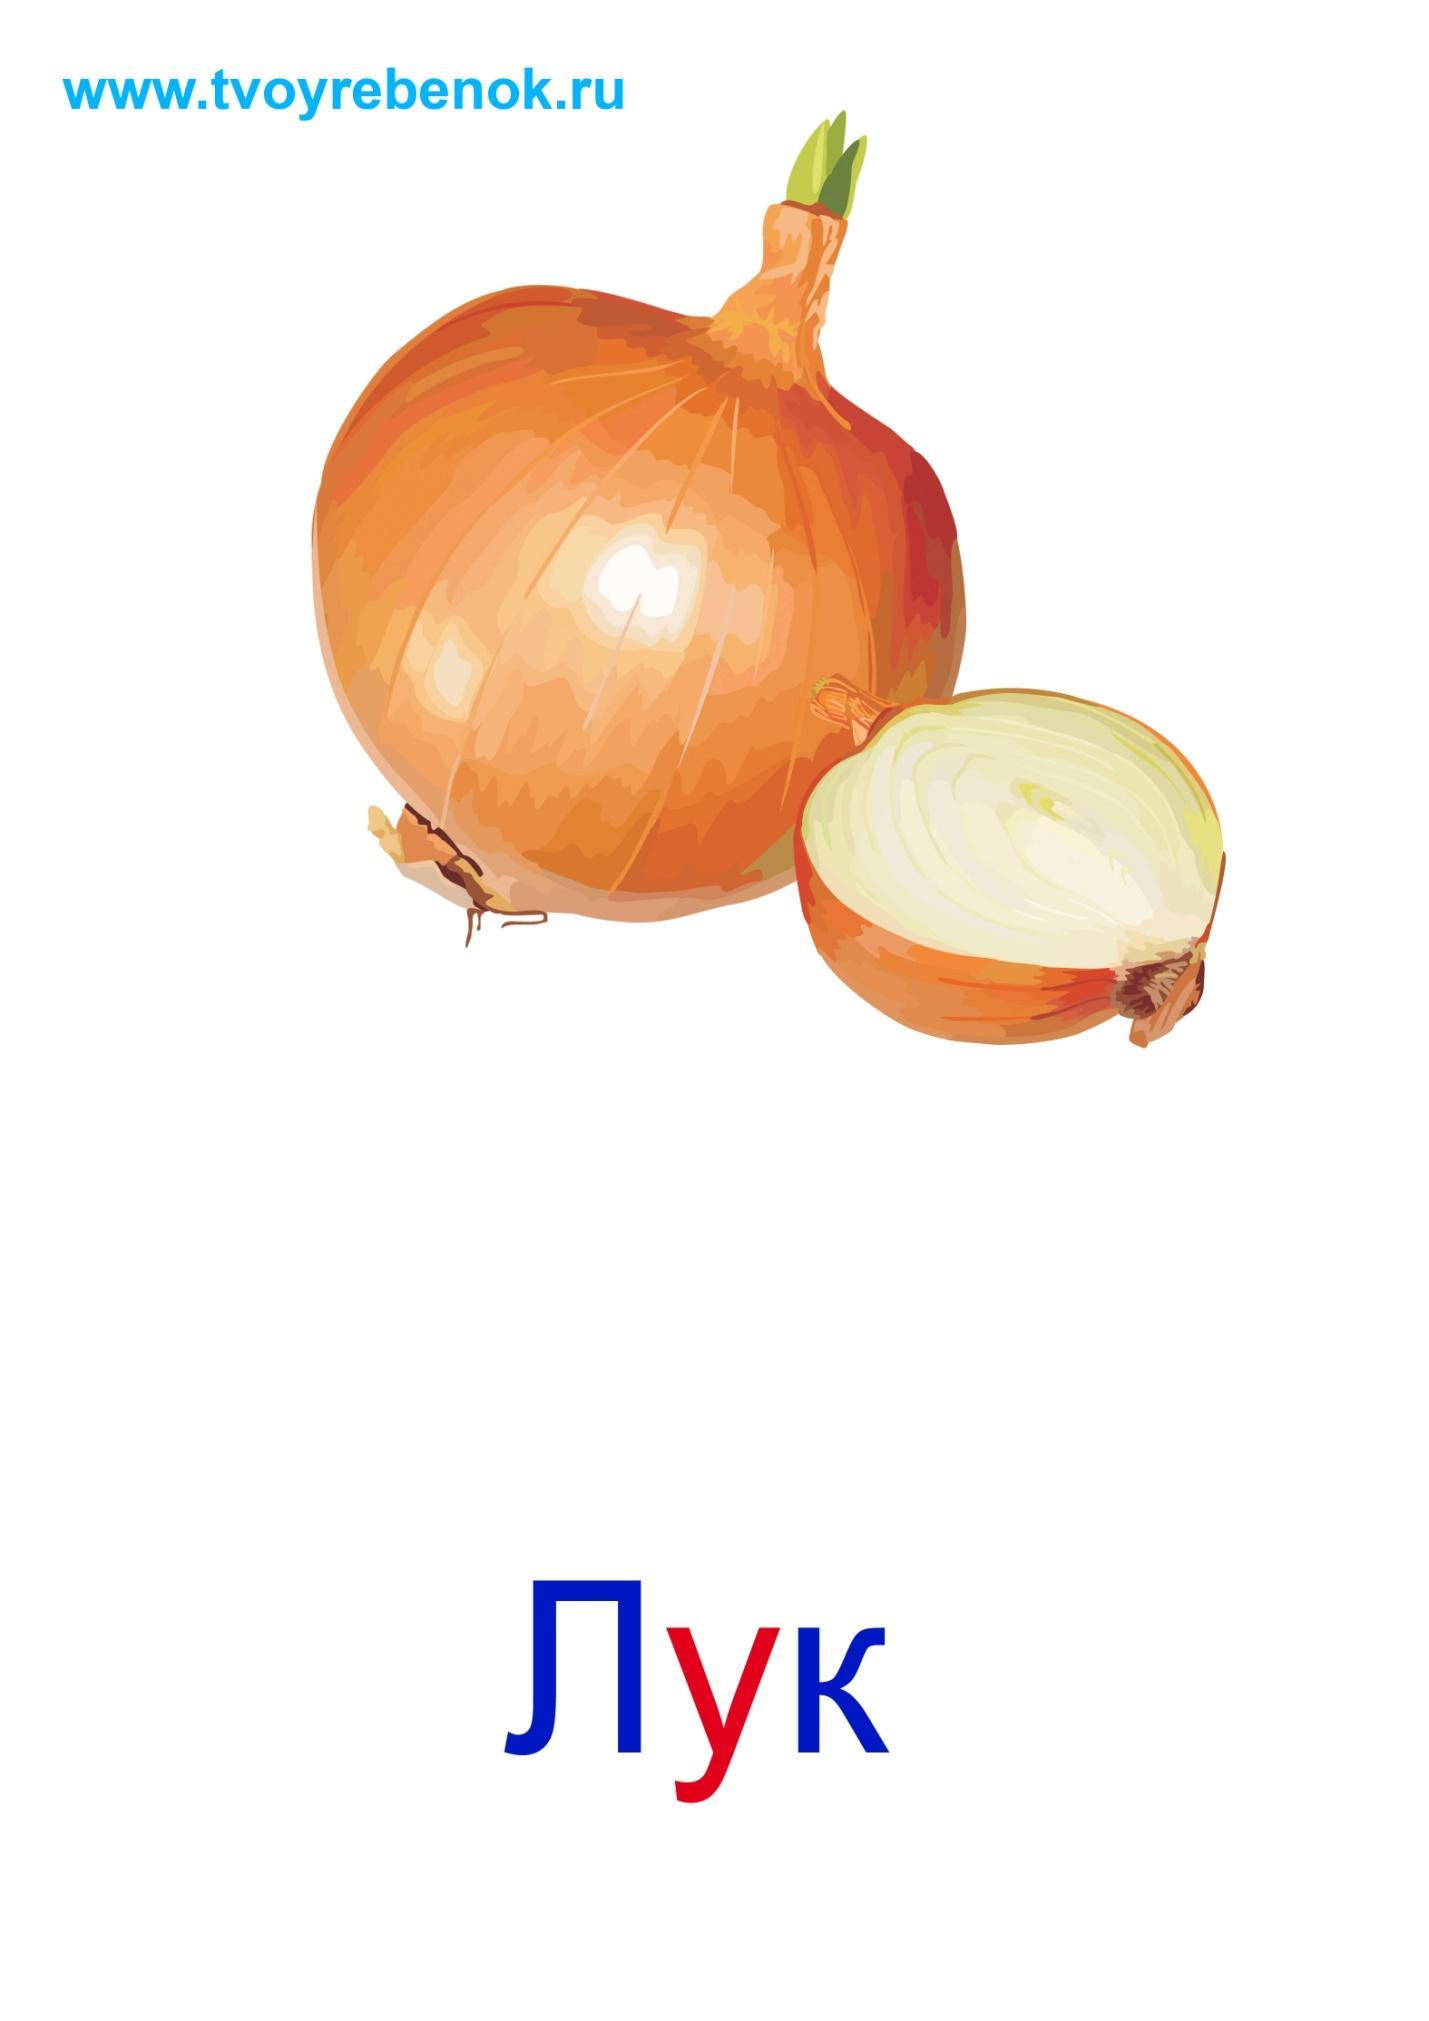 Овощи в картинках для детей по одному